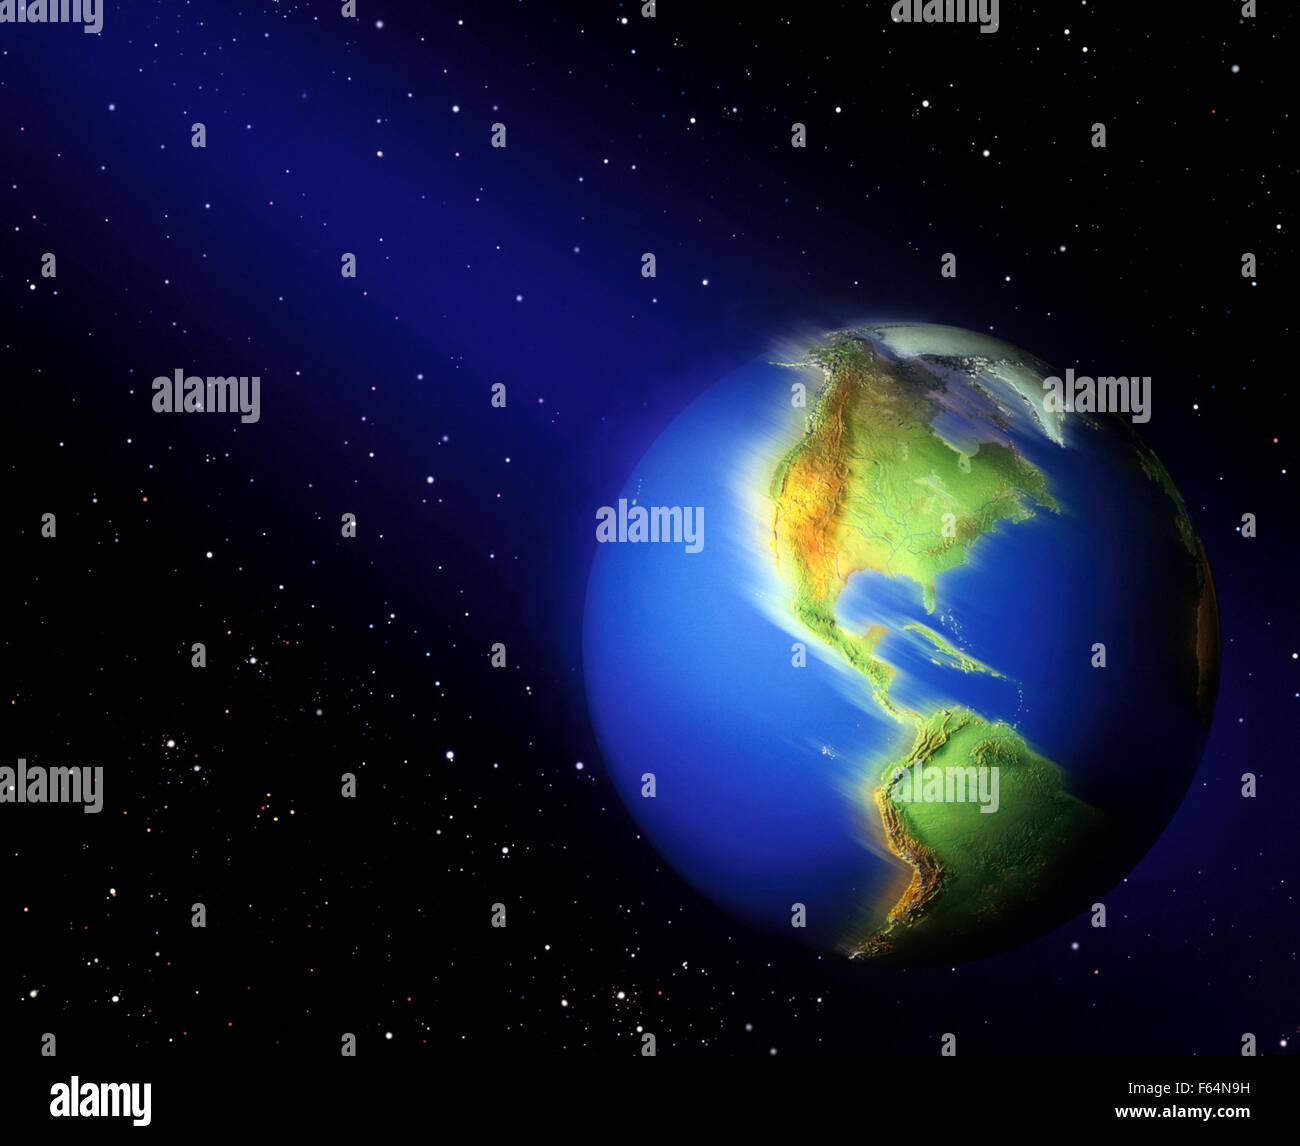 Erde dreht unter Sternen im Weltraum Stockbild